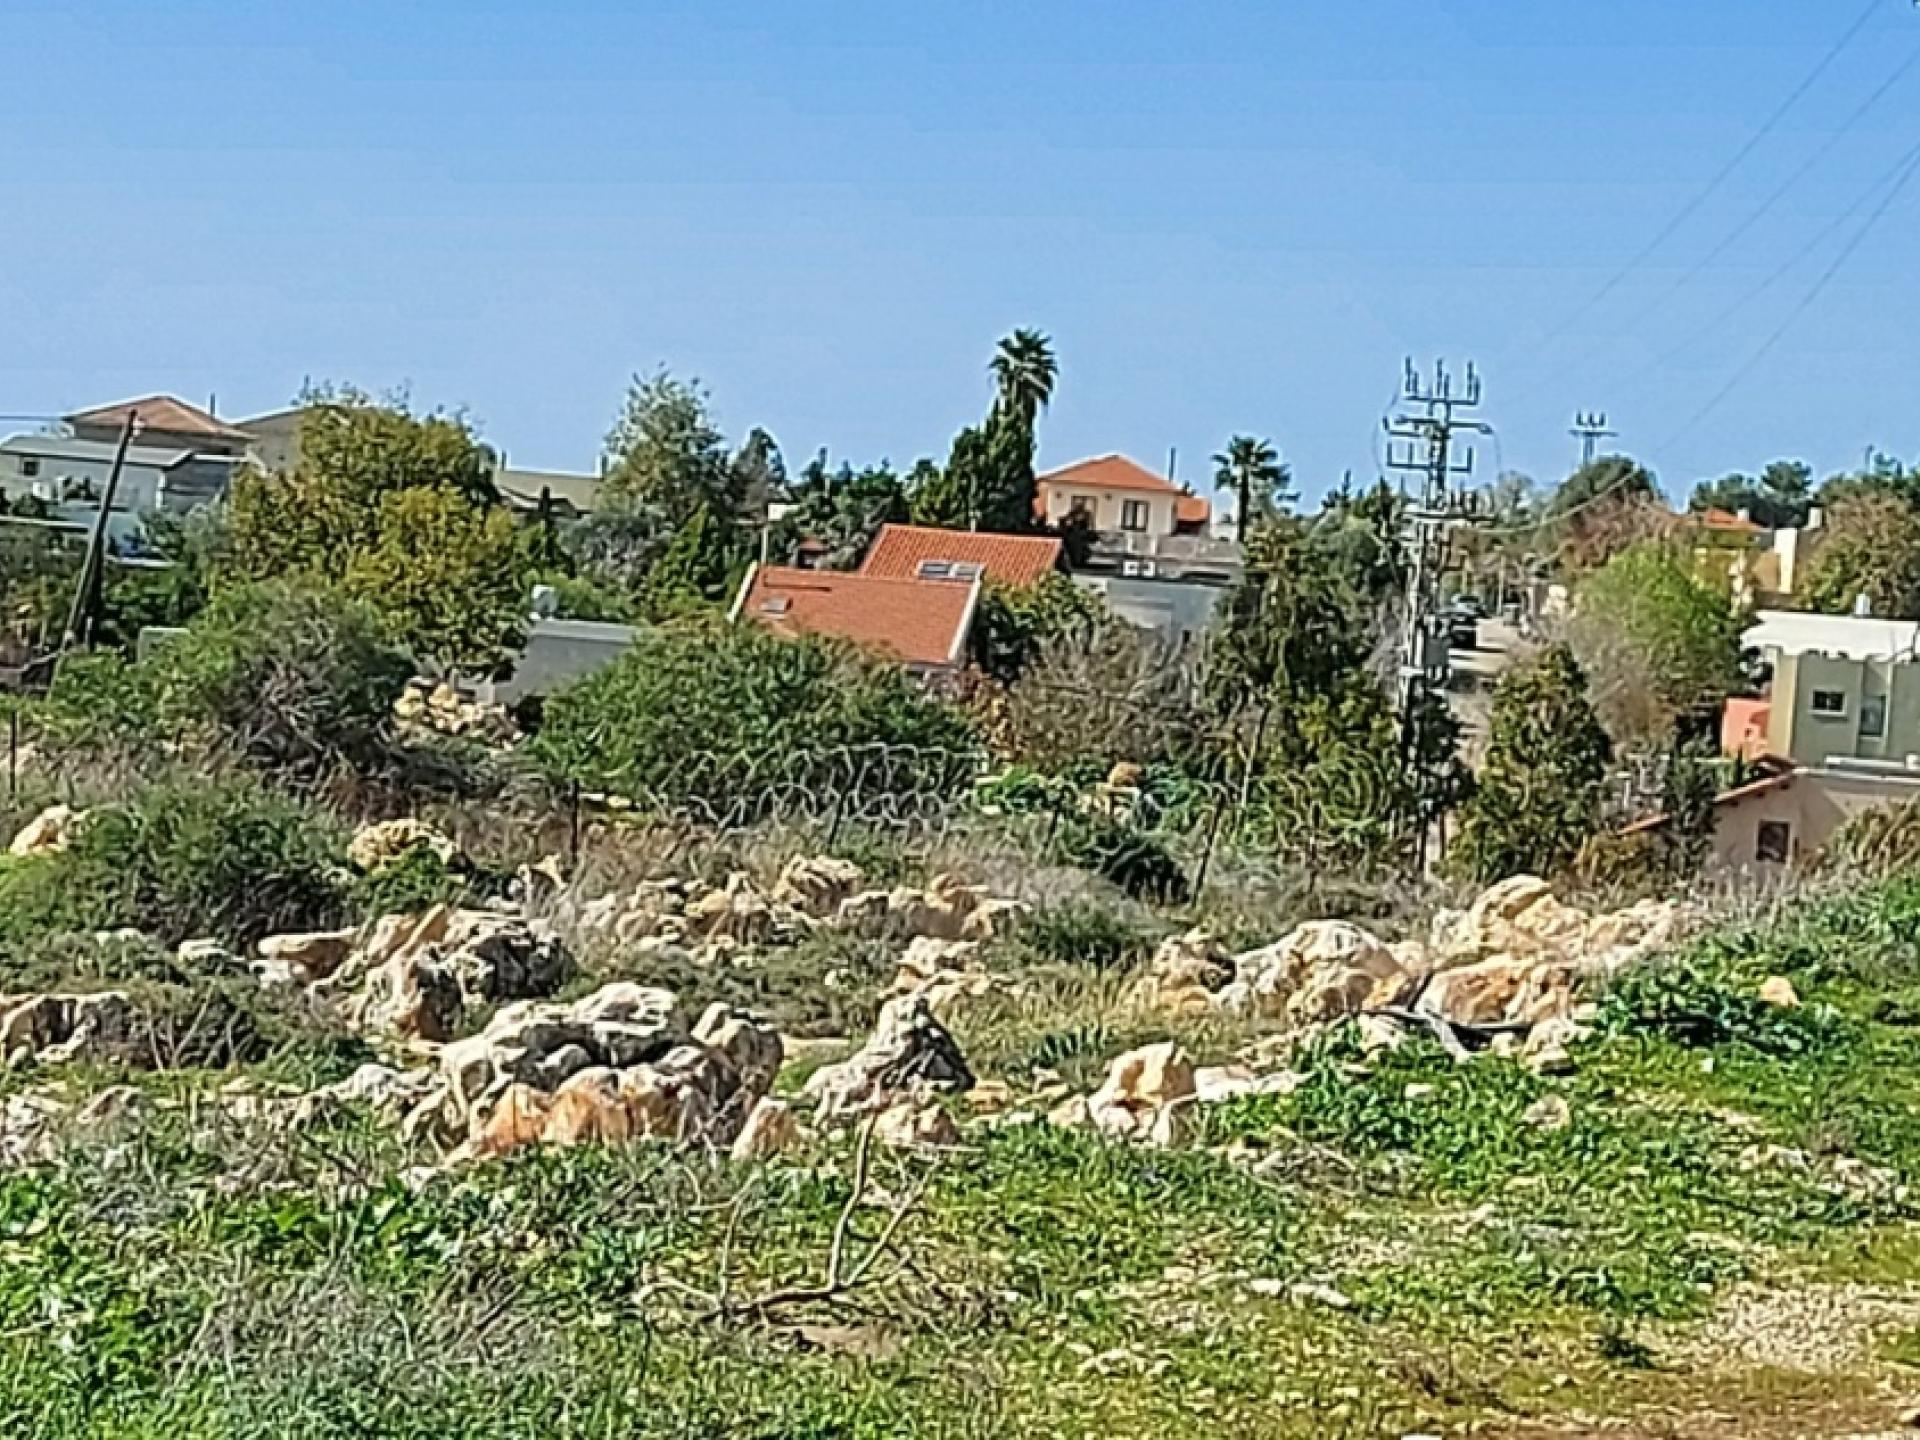 מסוף השביל של כפר סור רואים את גגות בתי סלעית